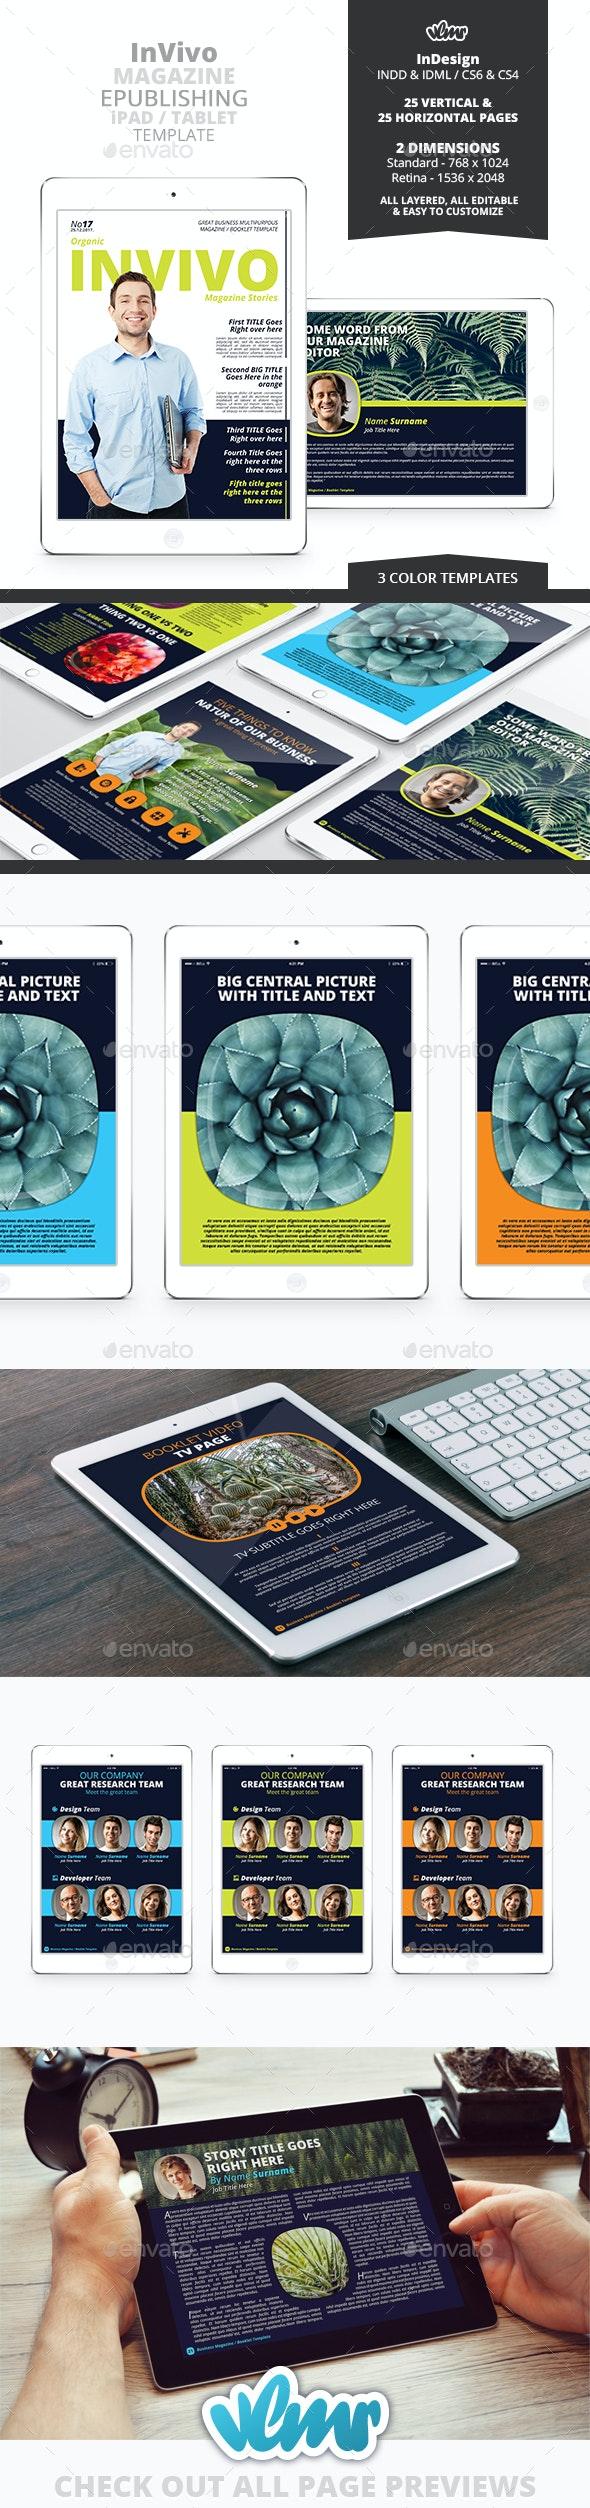 InVivo Interactive Magazine ePublishing PDF Template - Digital Magazines ePublishing